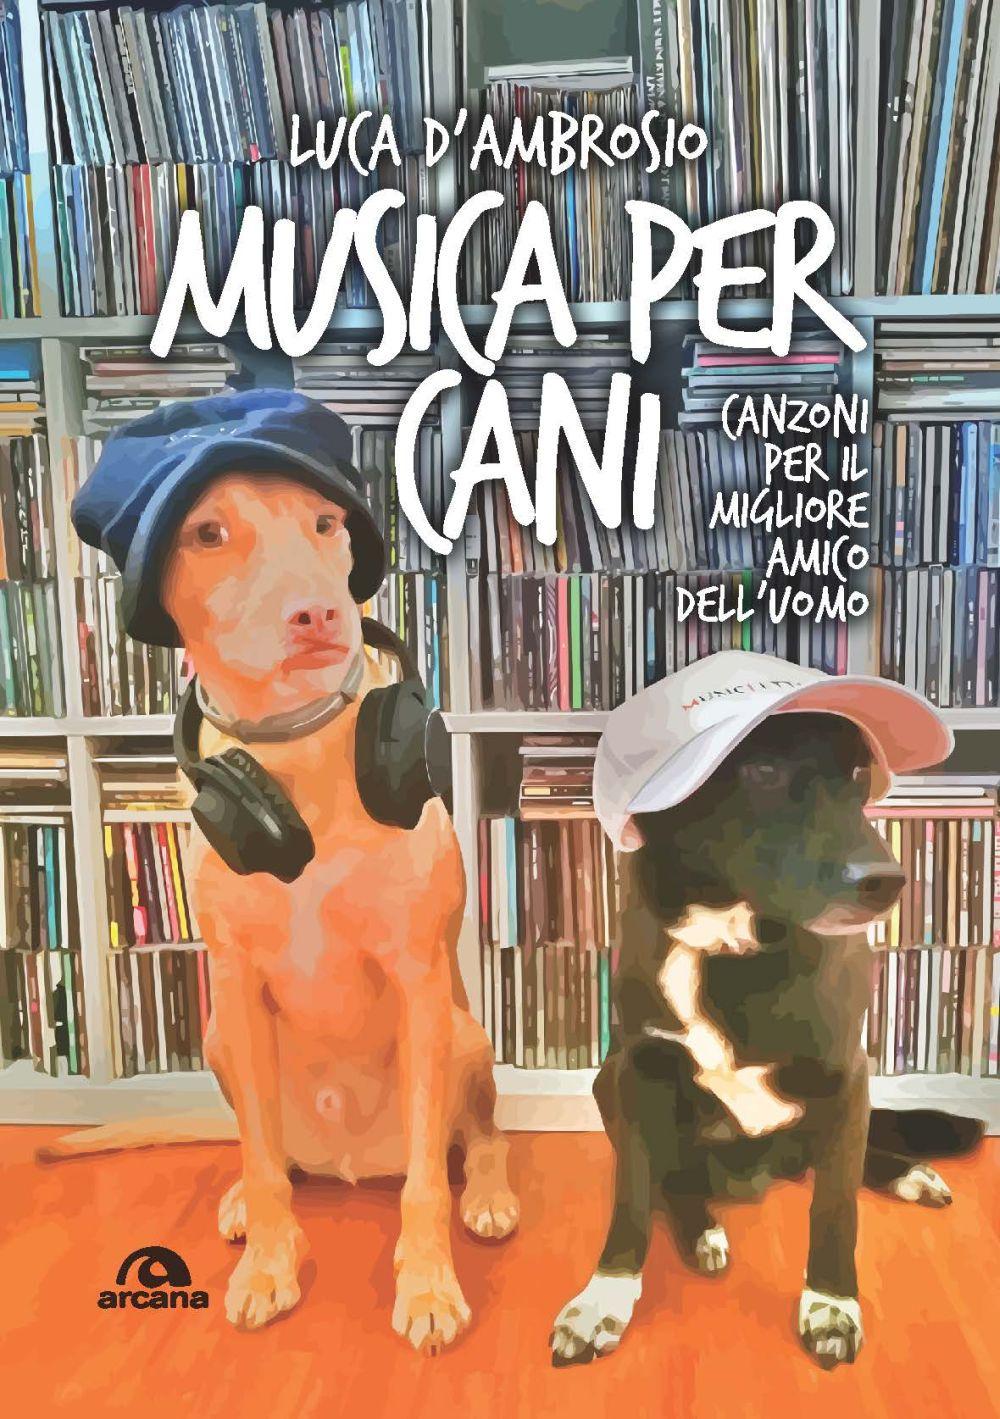 MUSICA PER CANI. CANZONI PER IL MIGLIOR AMICO DELL'UOMO - D'Ambrosio Luca - 9788862319829